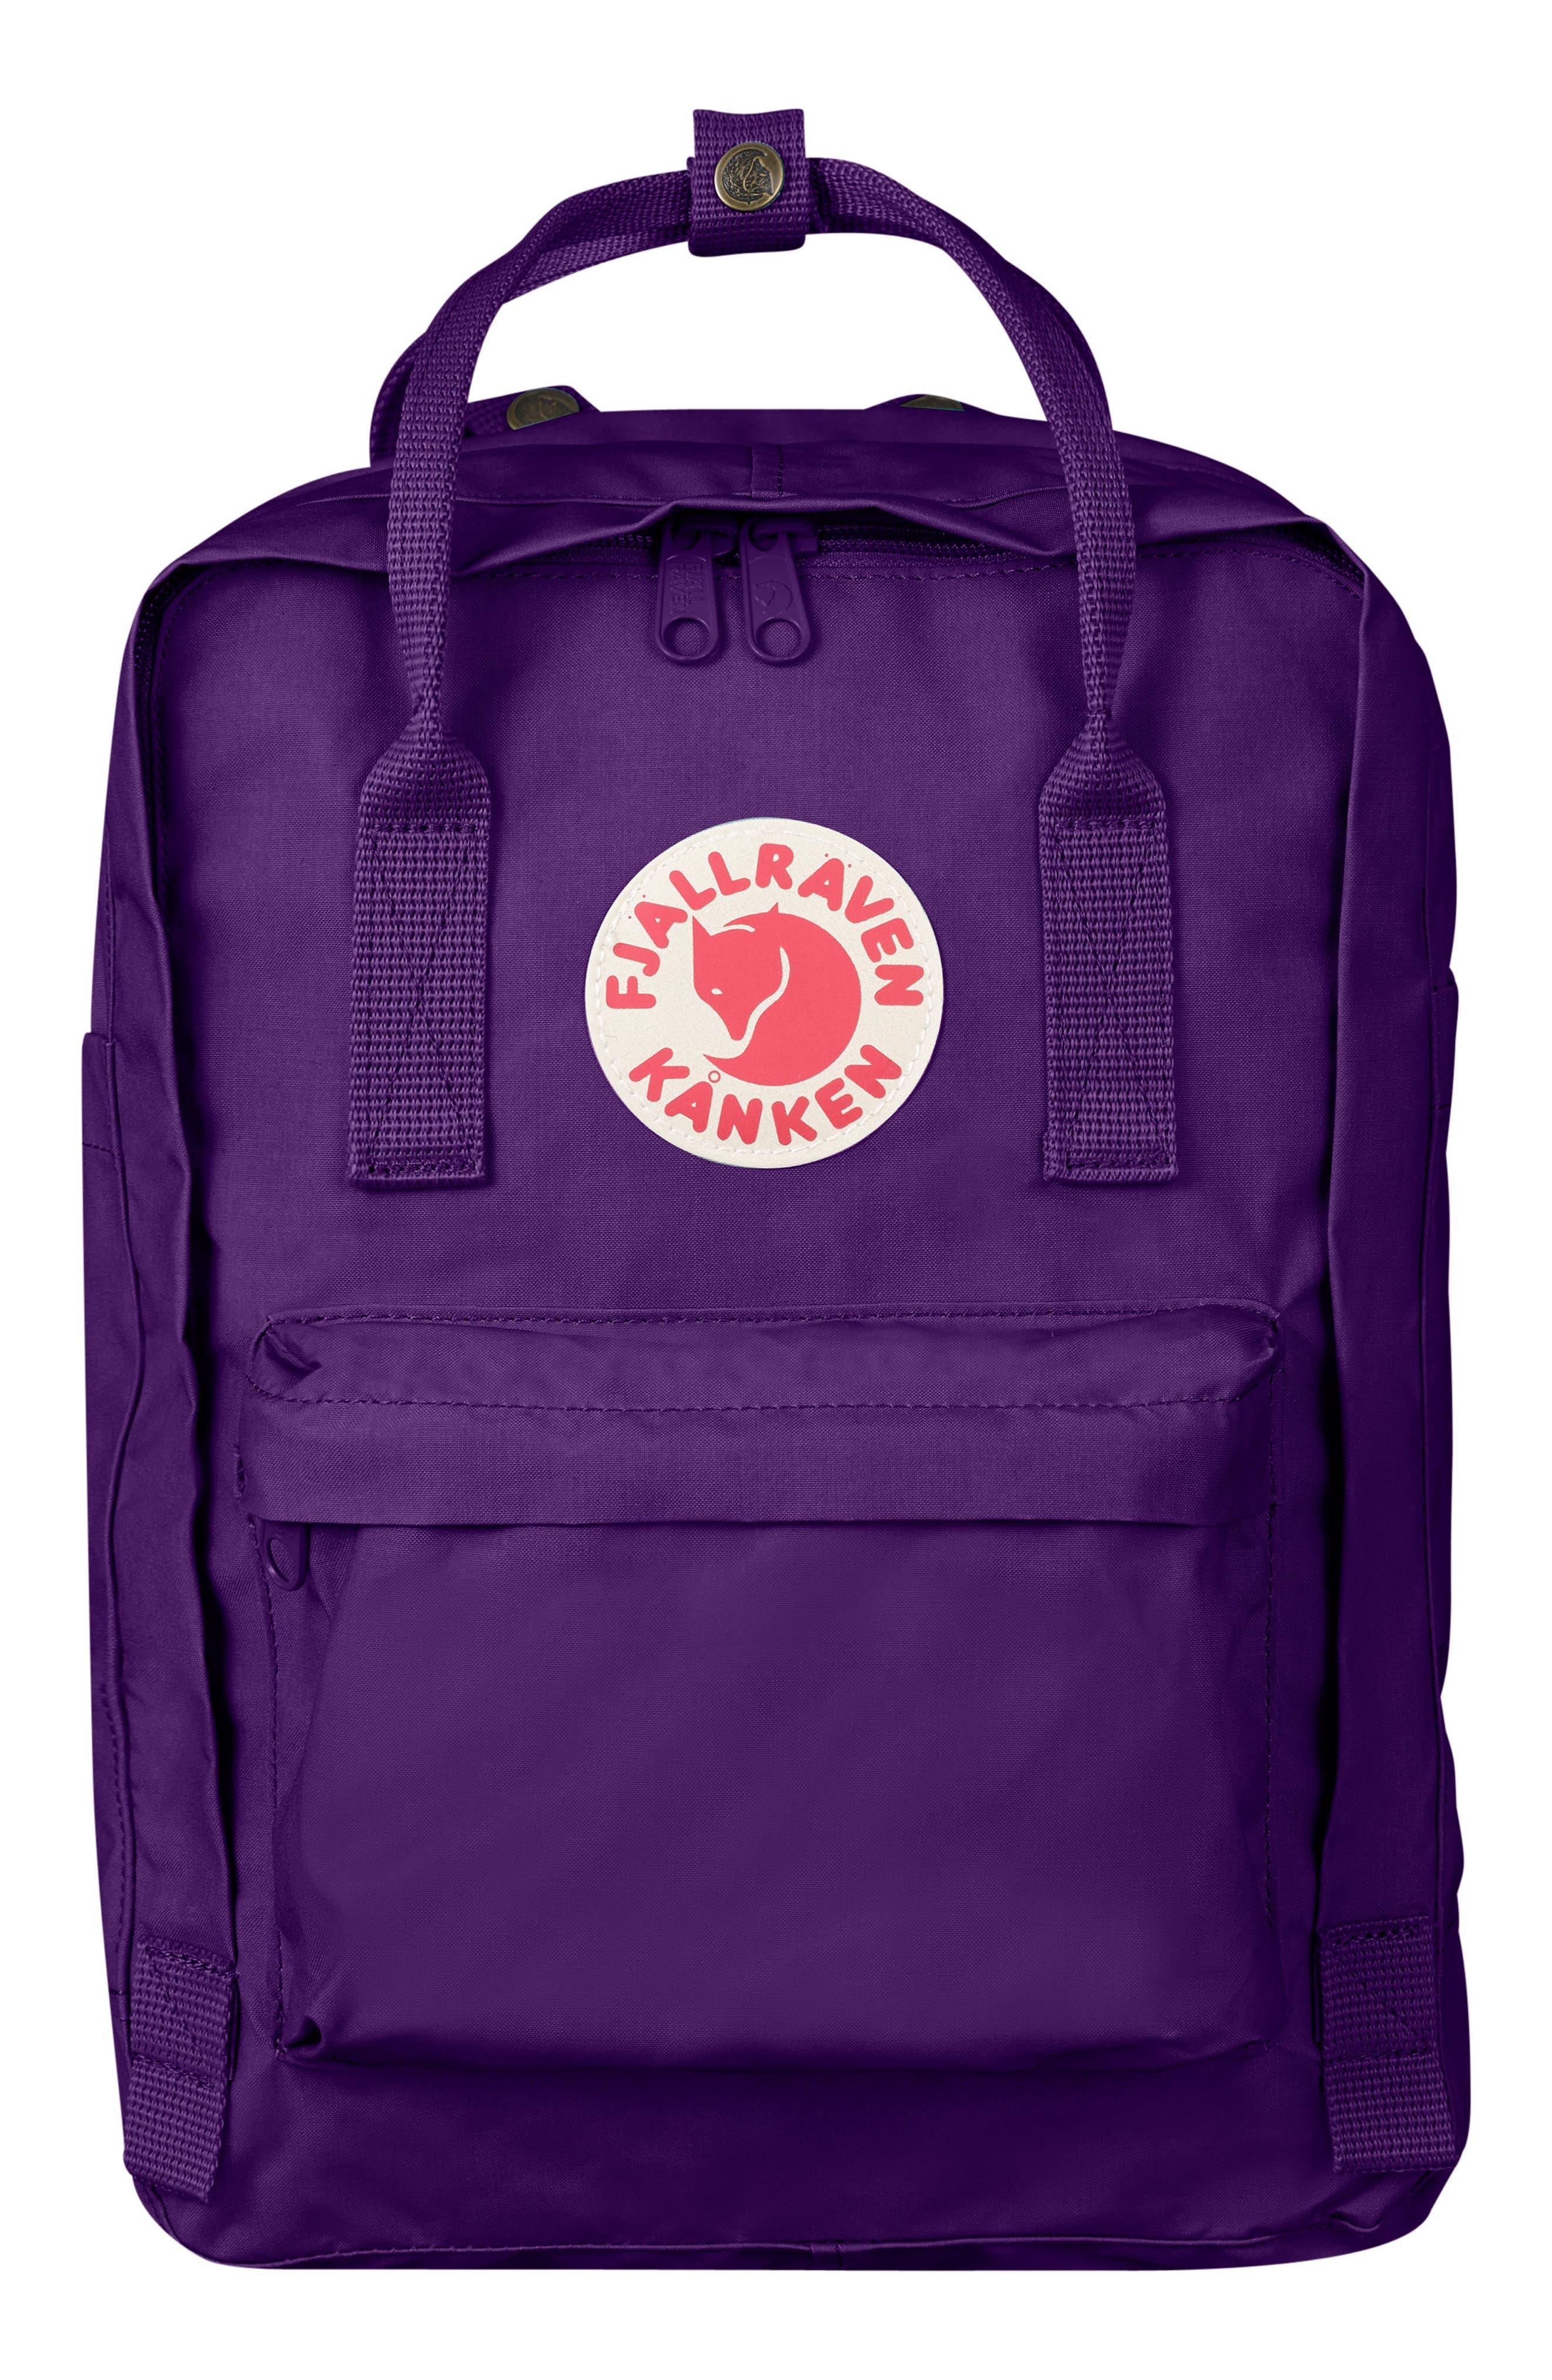 Main Image - Fjällräven 'Kånken' Laptop Backpack (13 Inch)